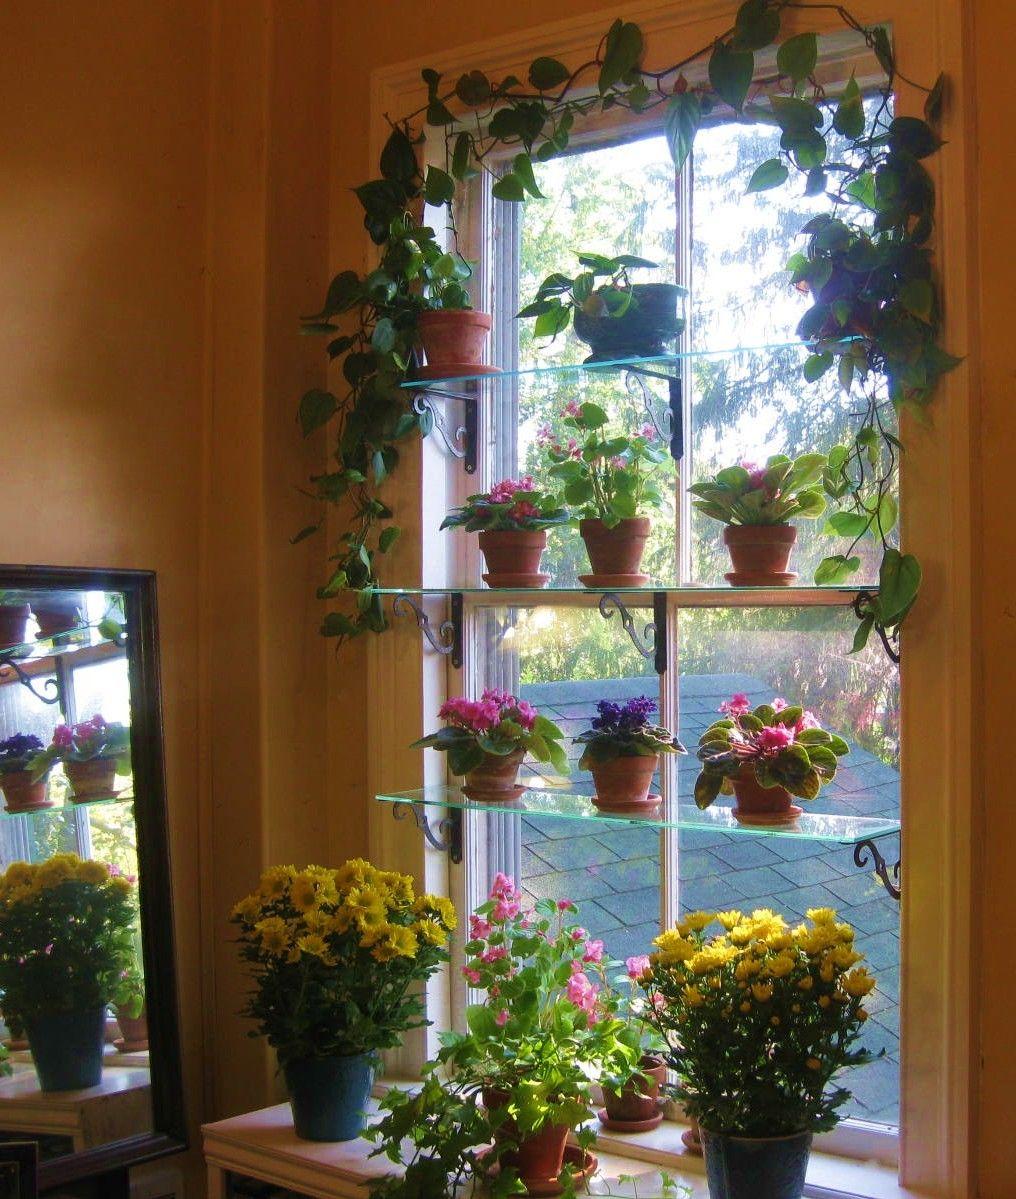 Design A Window Garden Kevin Lee Jacobs Indoor Window Garden